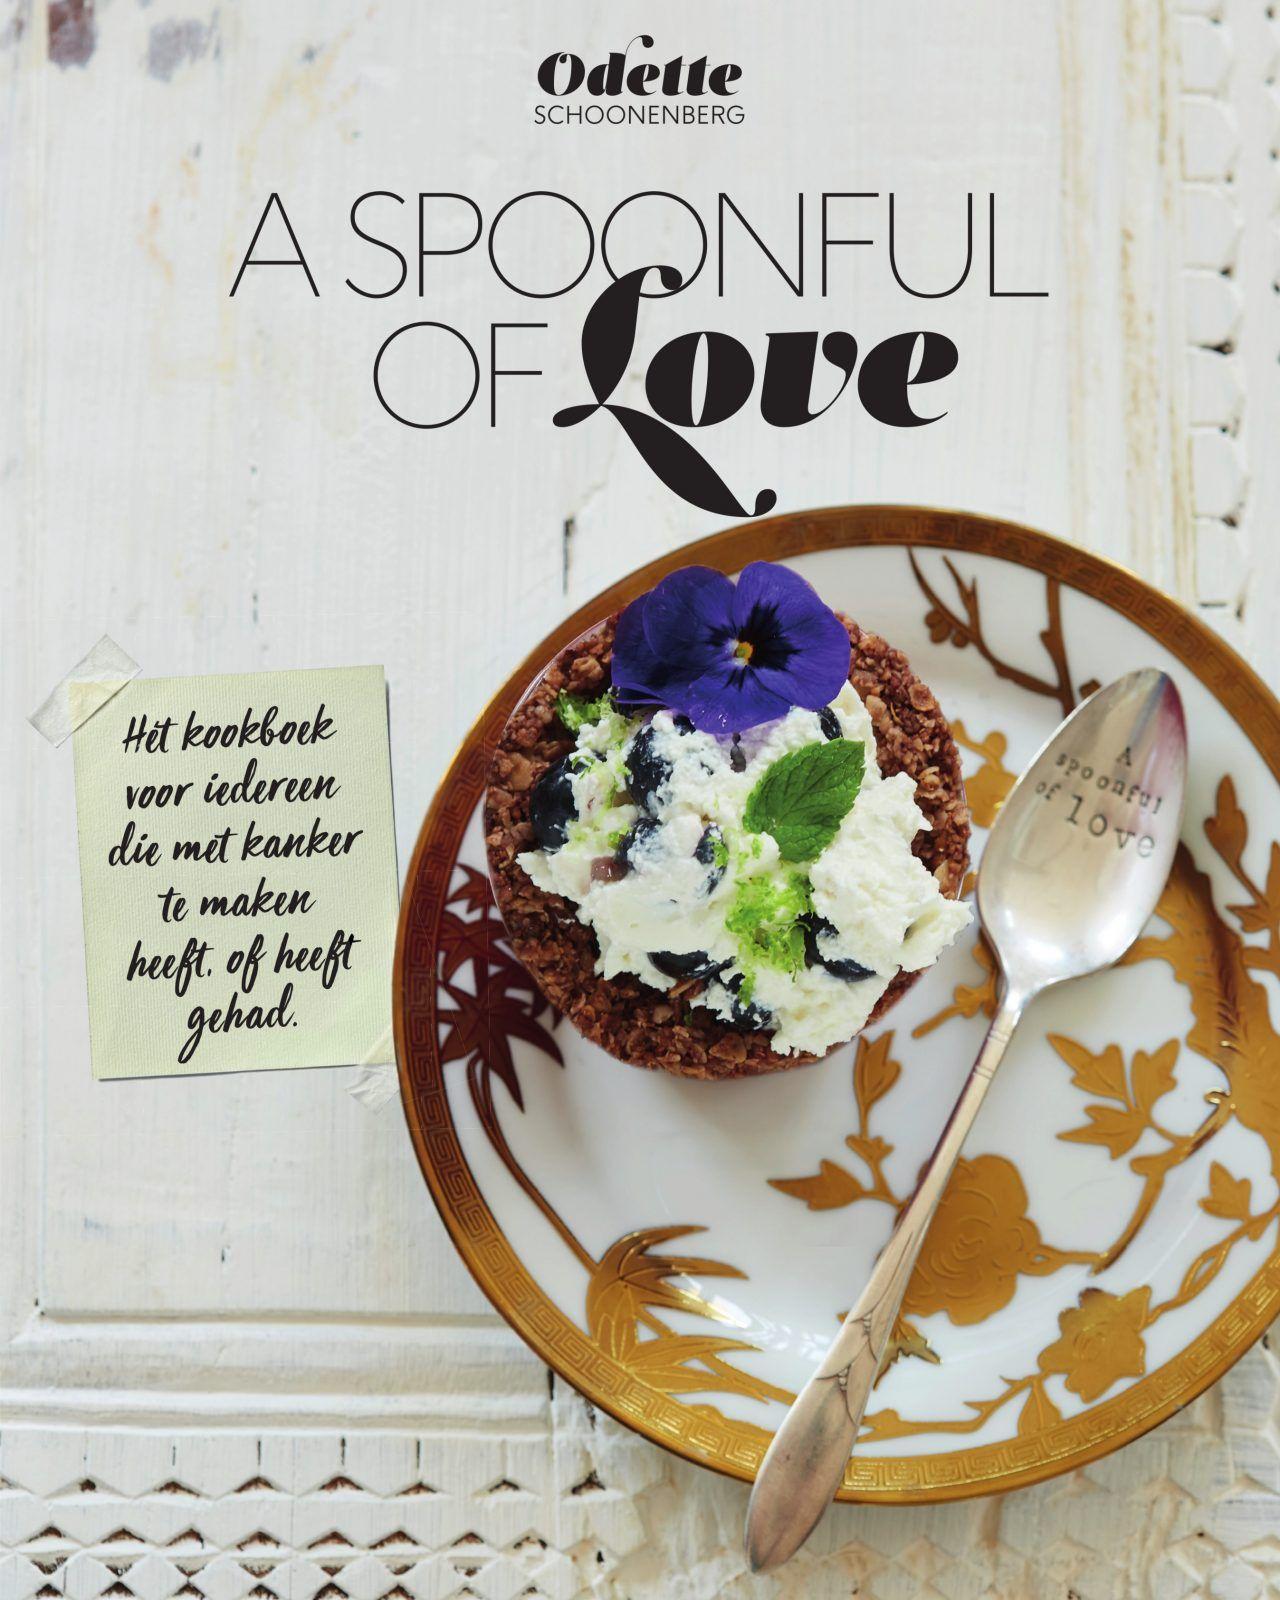 Odette Schoonenberg, a spoonful of love